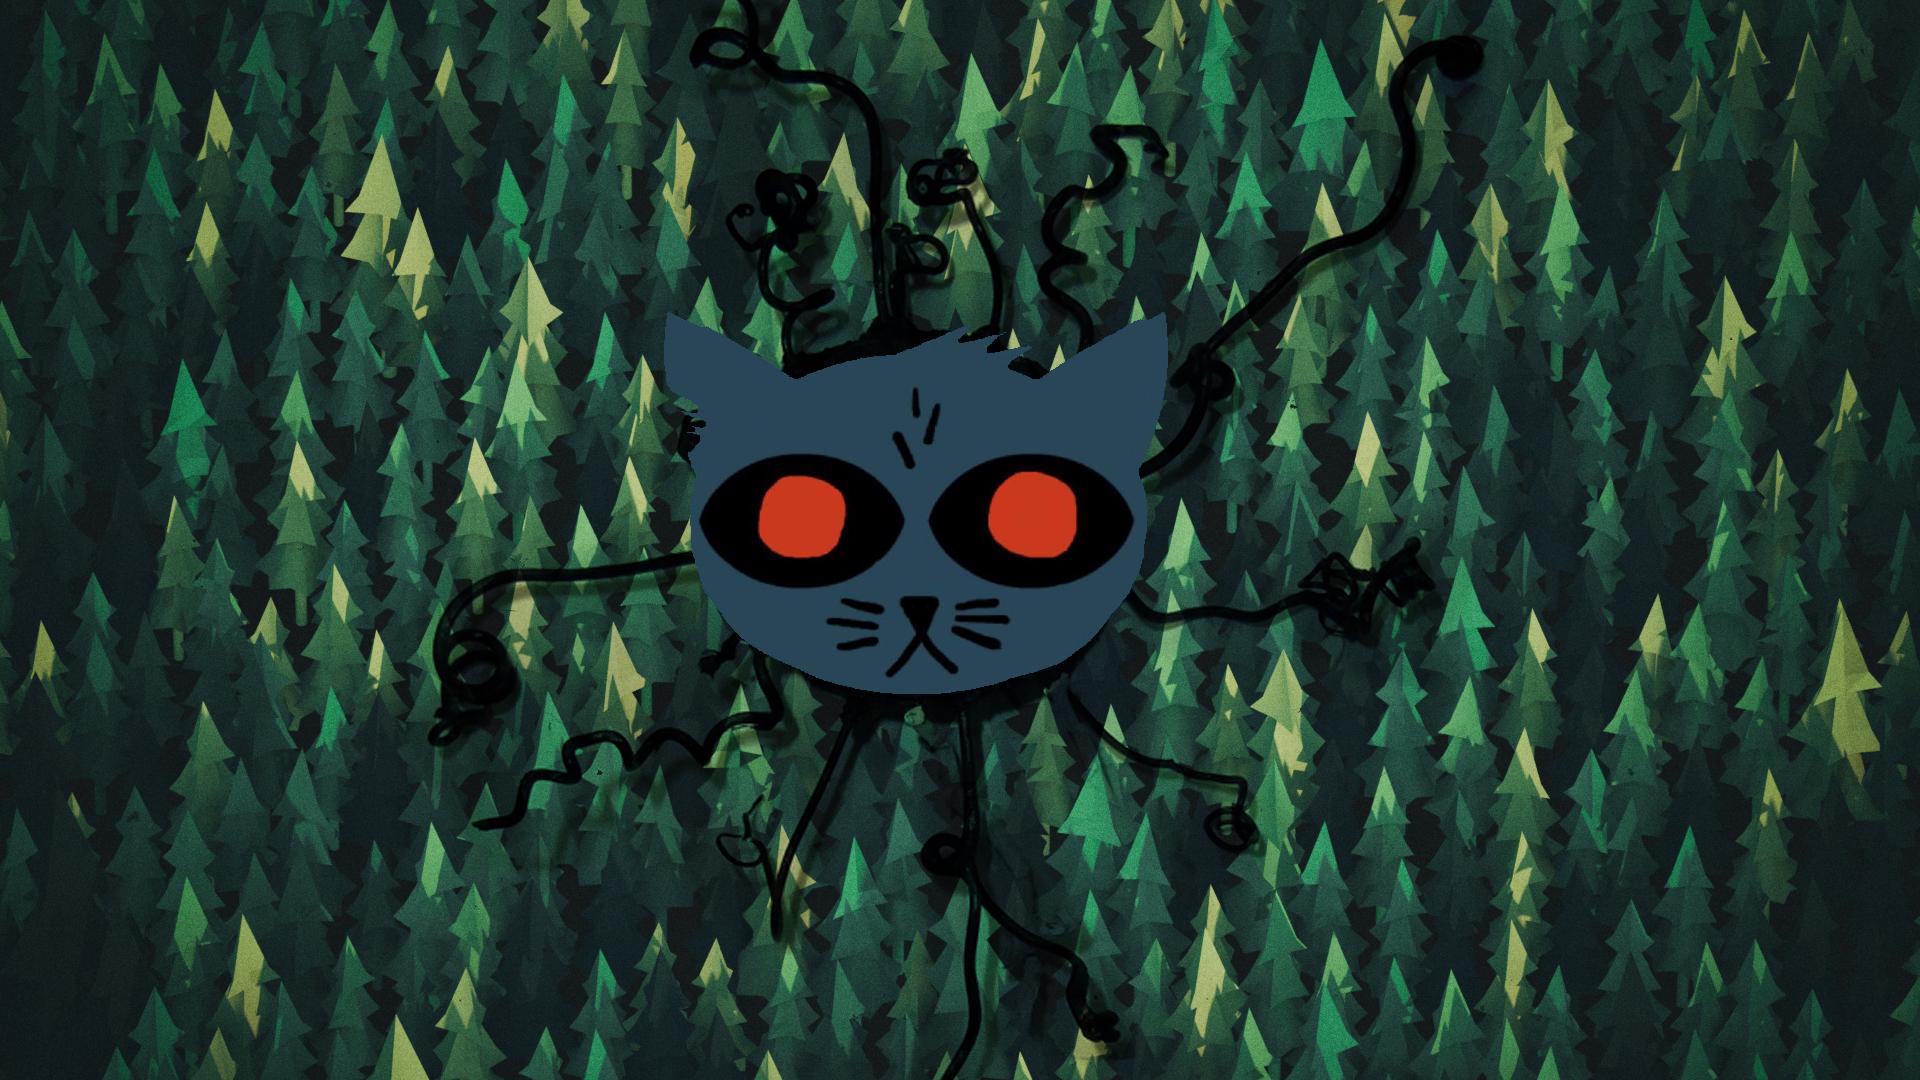 Wallpaper Night In The Woods Mae 1920x1080 Guremco 1221874